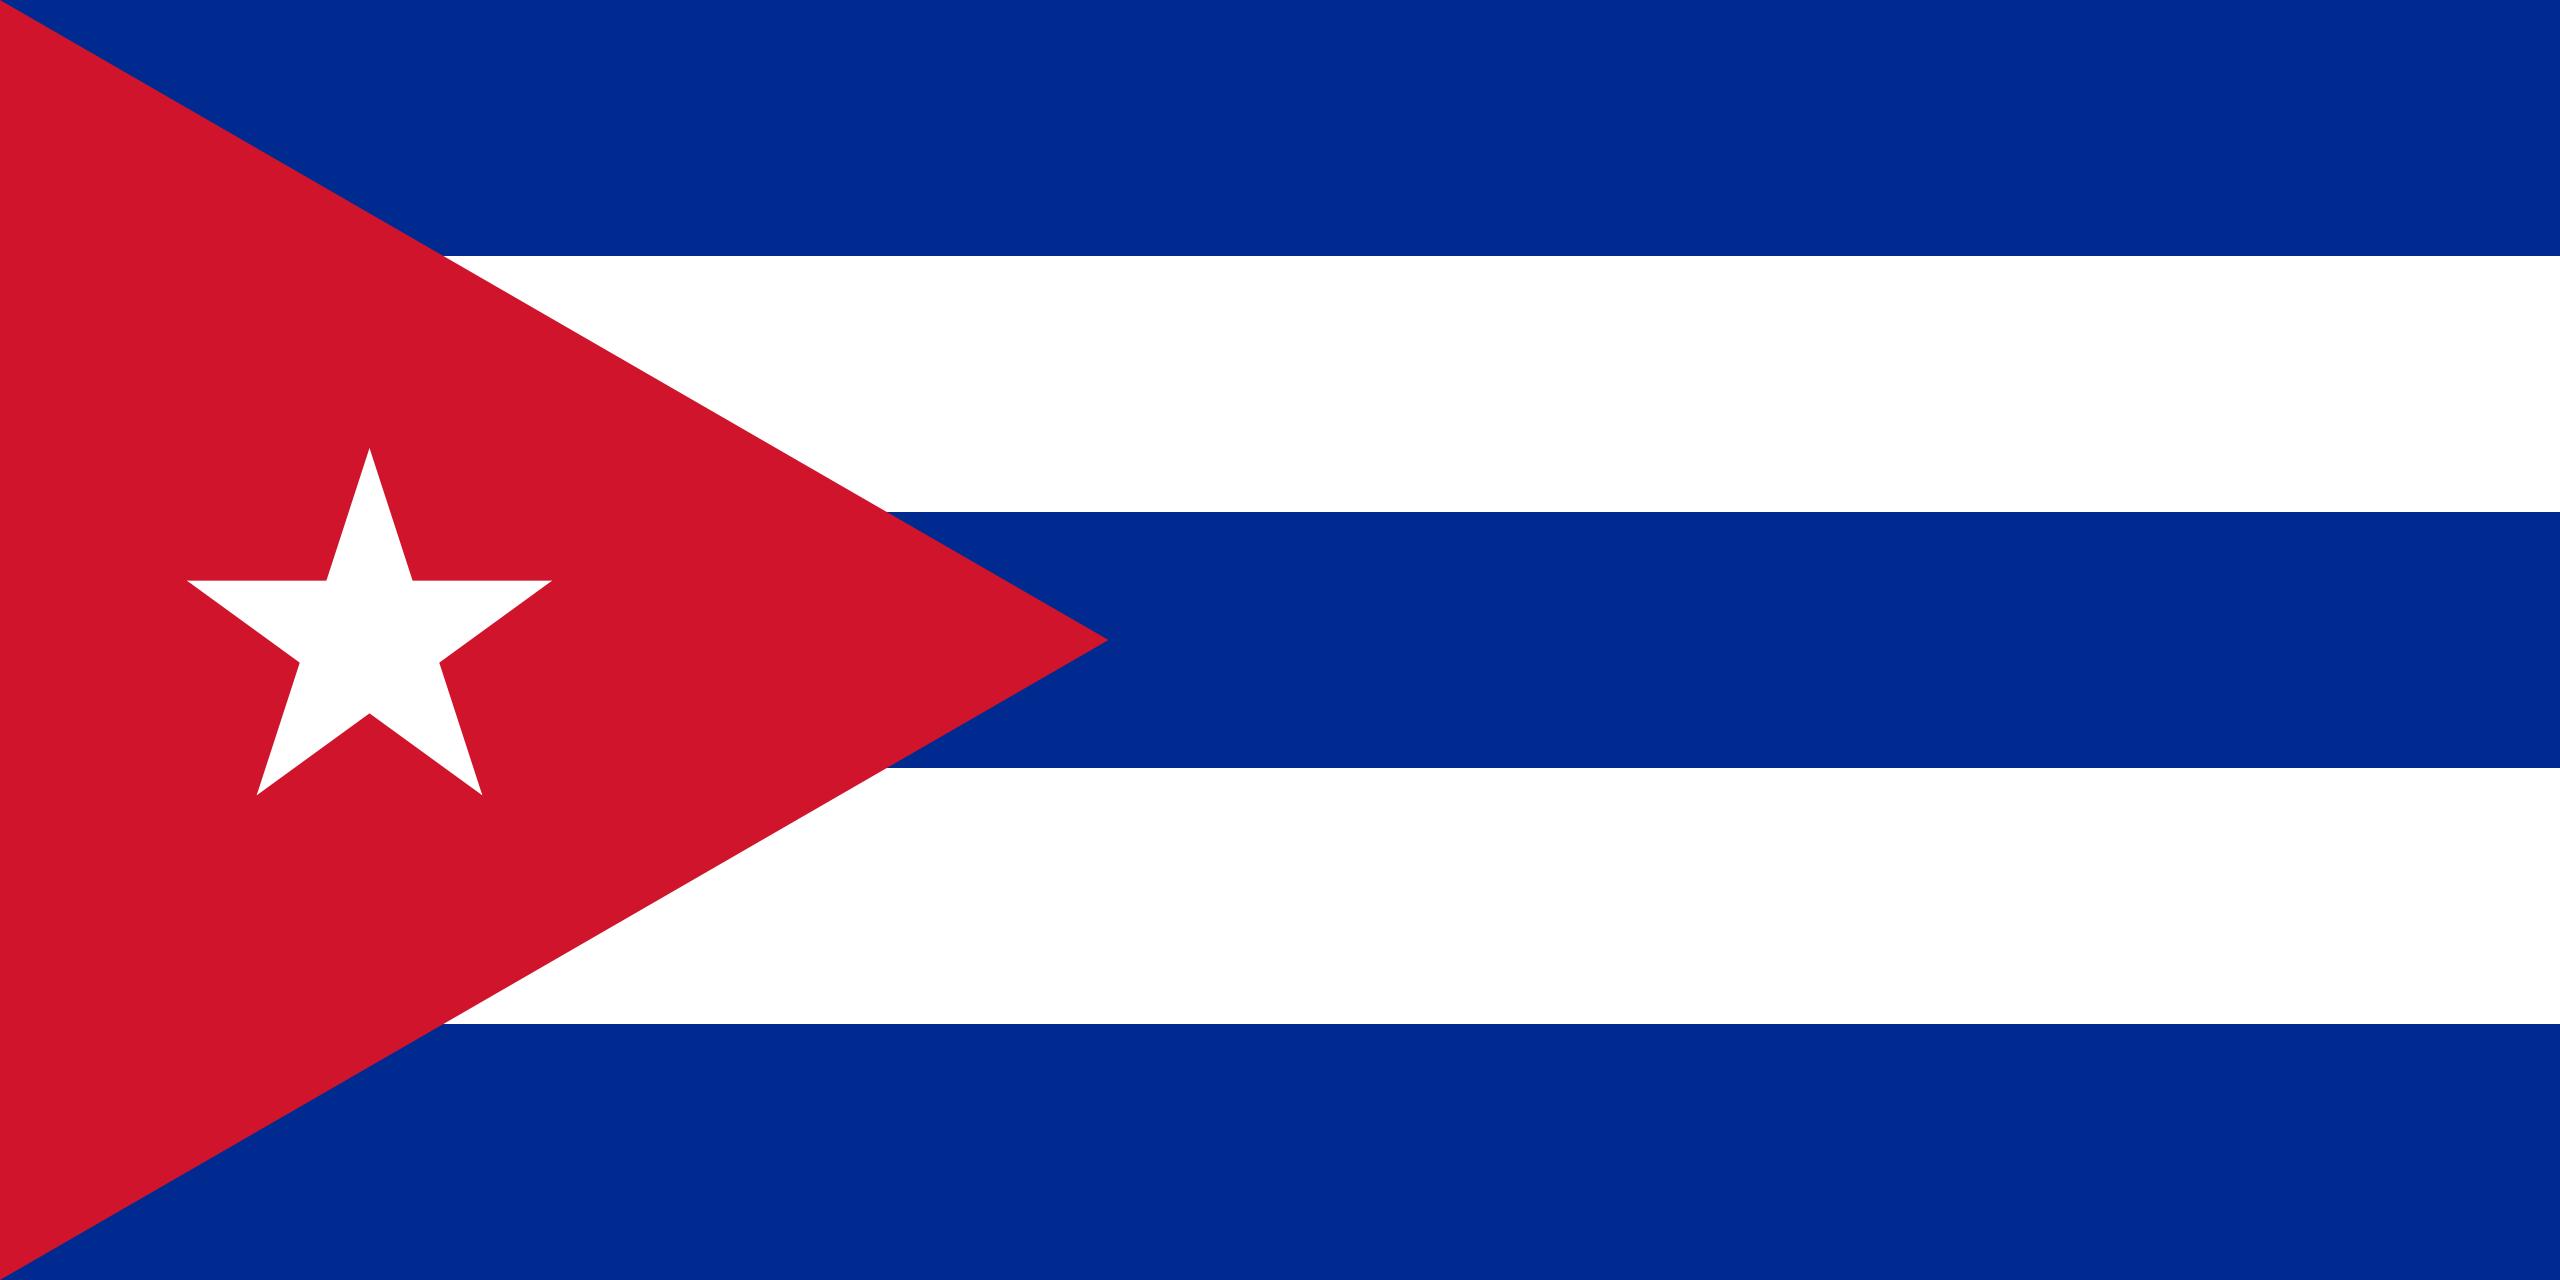 cuba, país, emblema, insignia, símbolo - Fondos de Pantalla HD - professor-falken.com